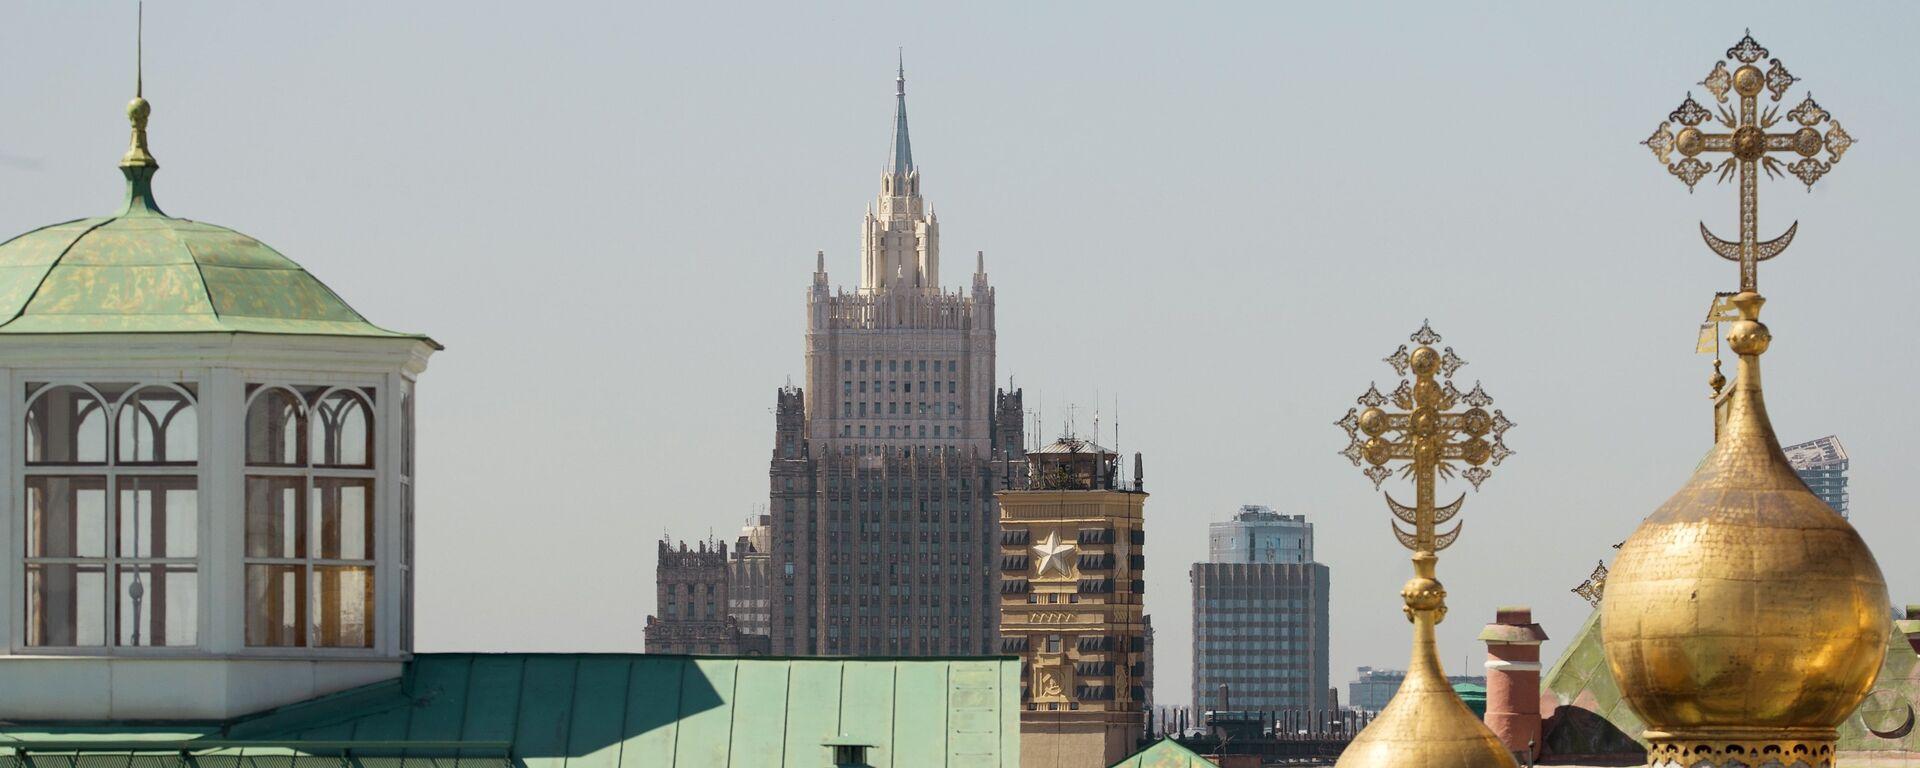 MIP Rusije - Sputnik Srbija, 1920, 23.07.2021